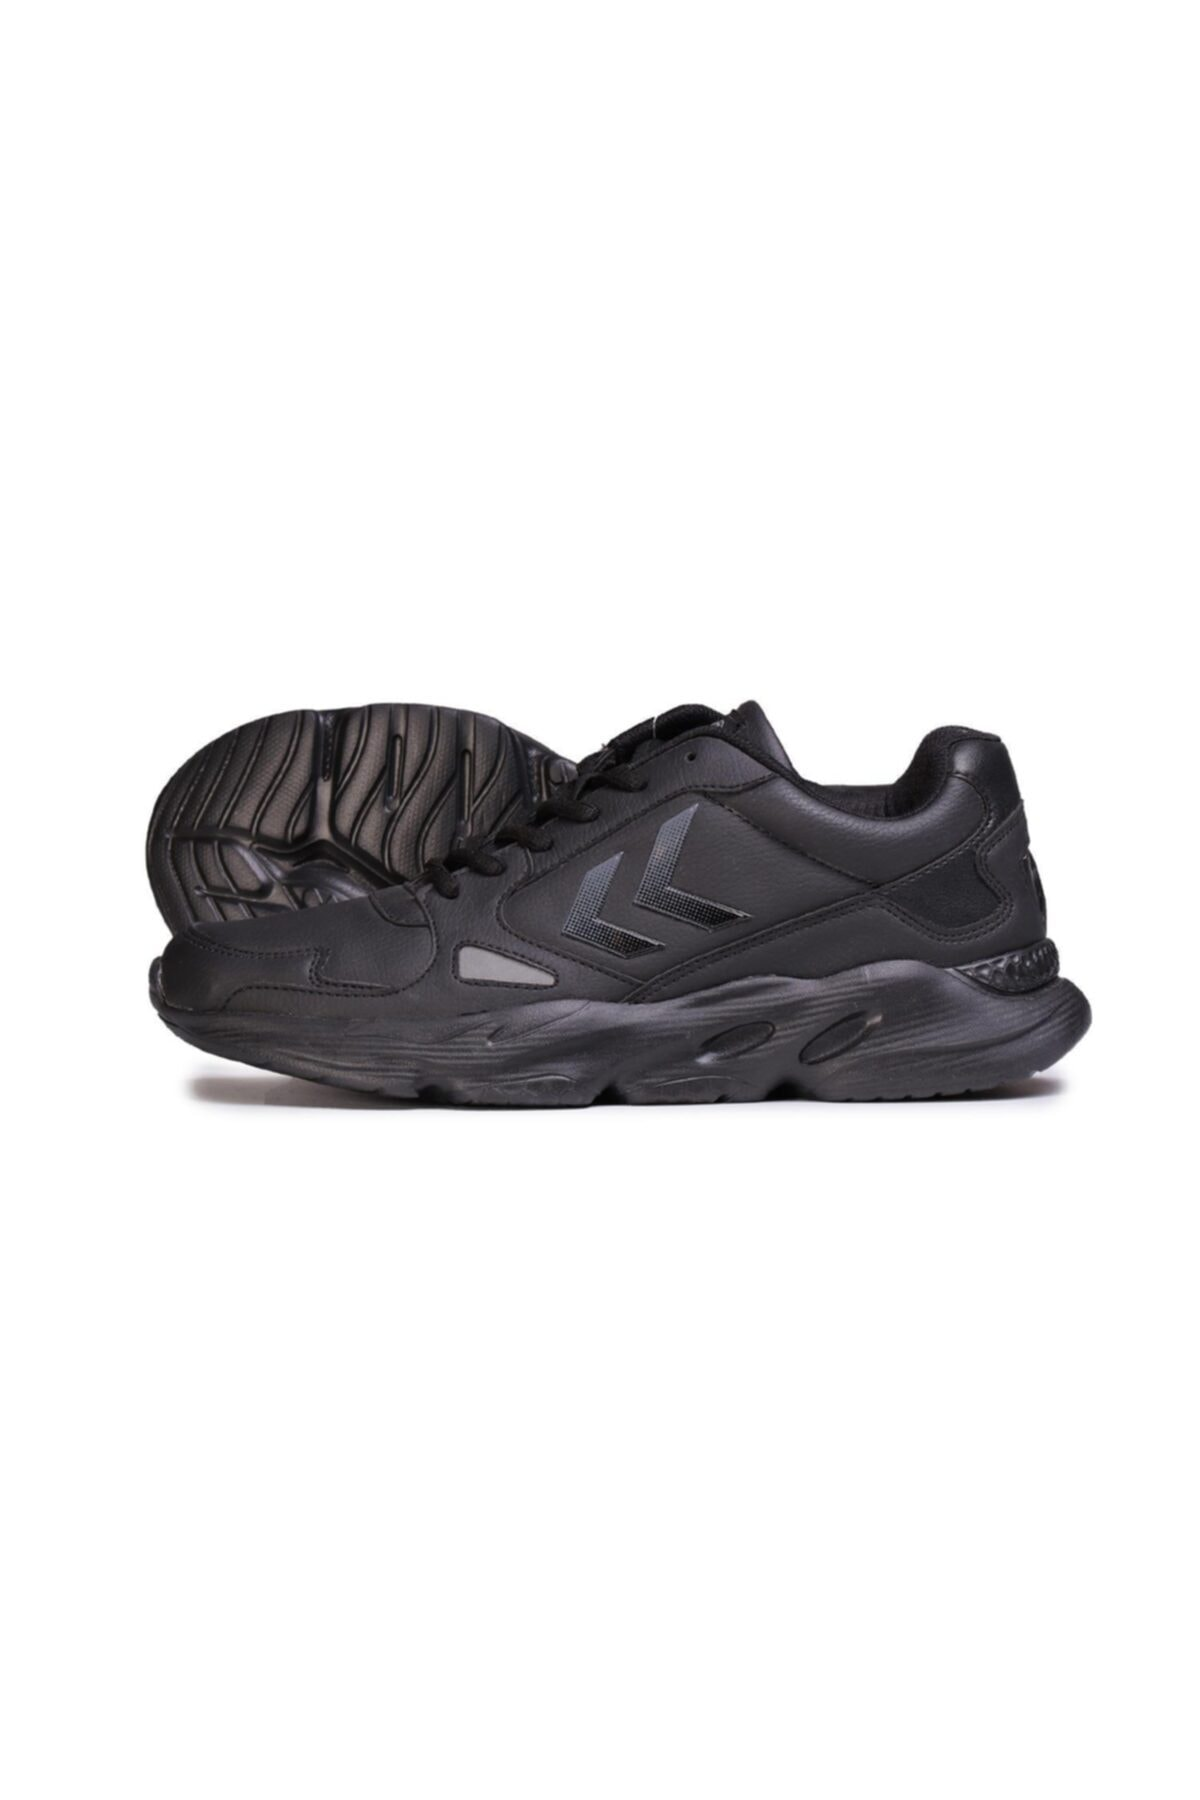 HUMMEL Unisex Spor Ayakkabı - Hmlyork Ii Spor Ayakkabı 1